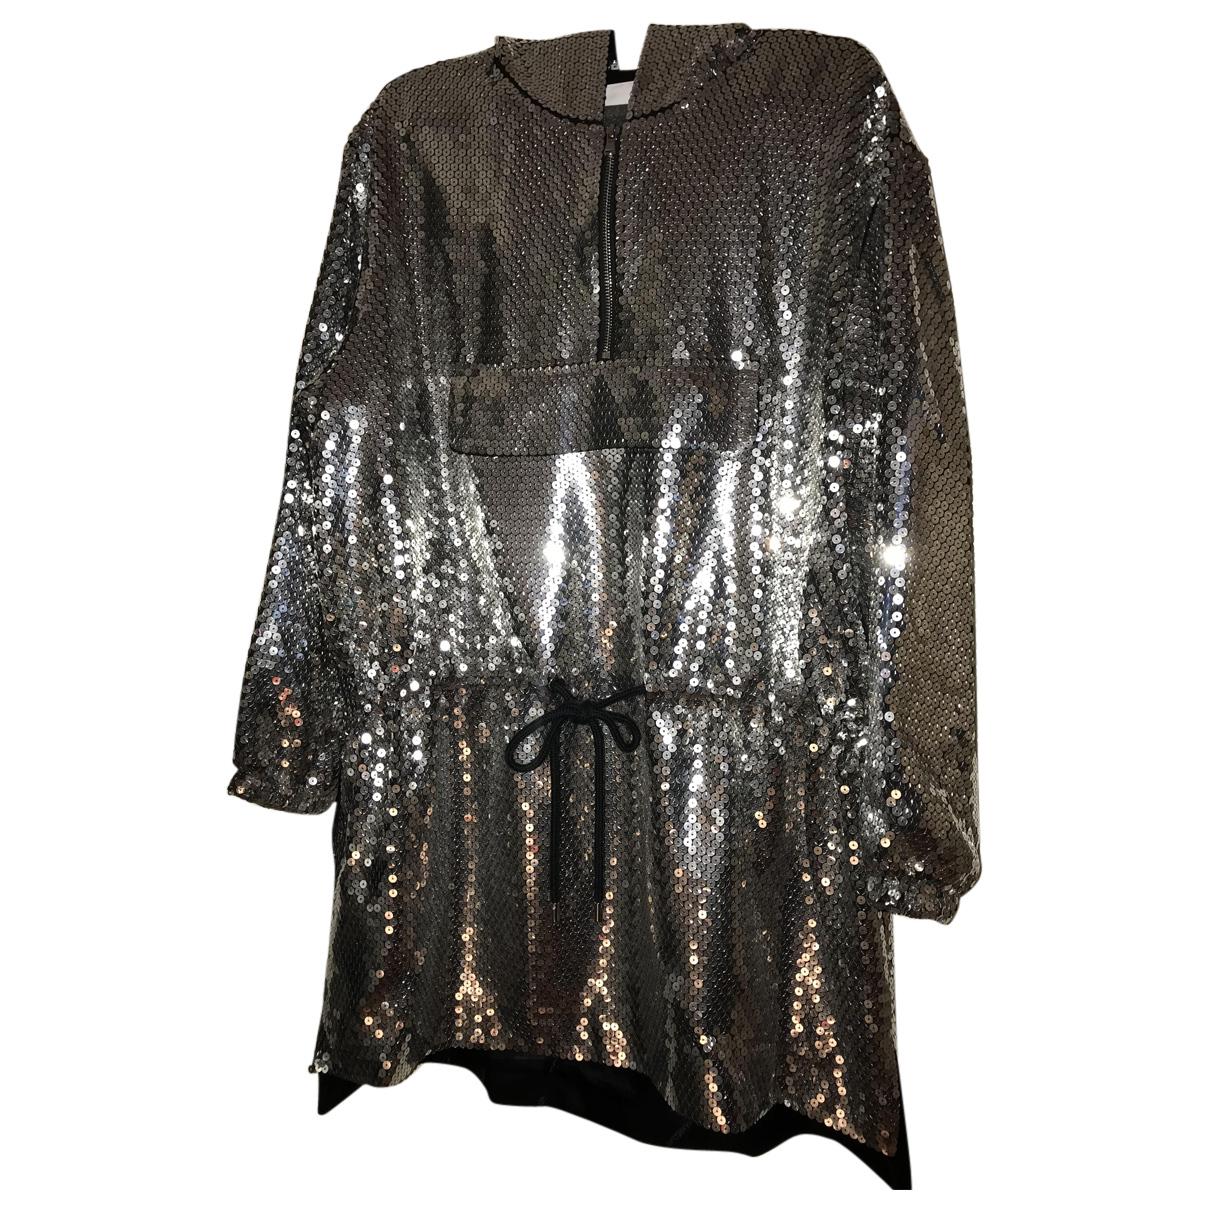 Moschino \N Kleid in  Metallic Mit Pailletten